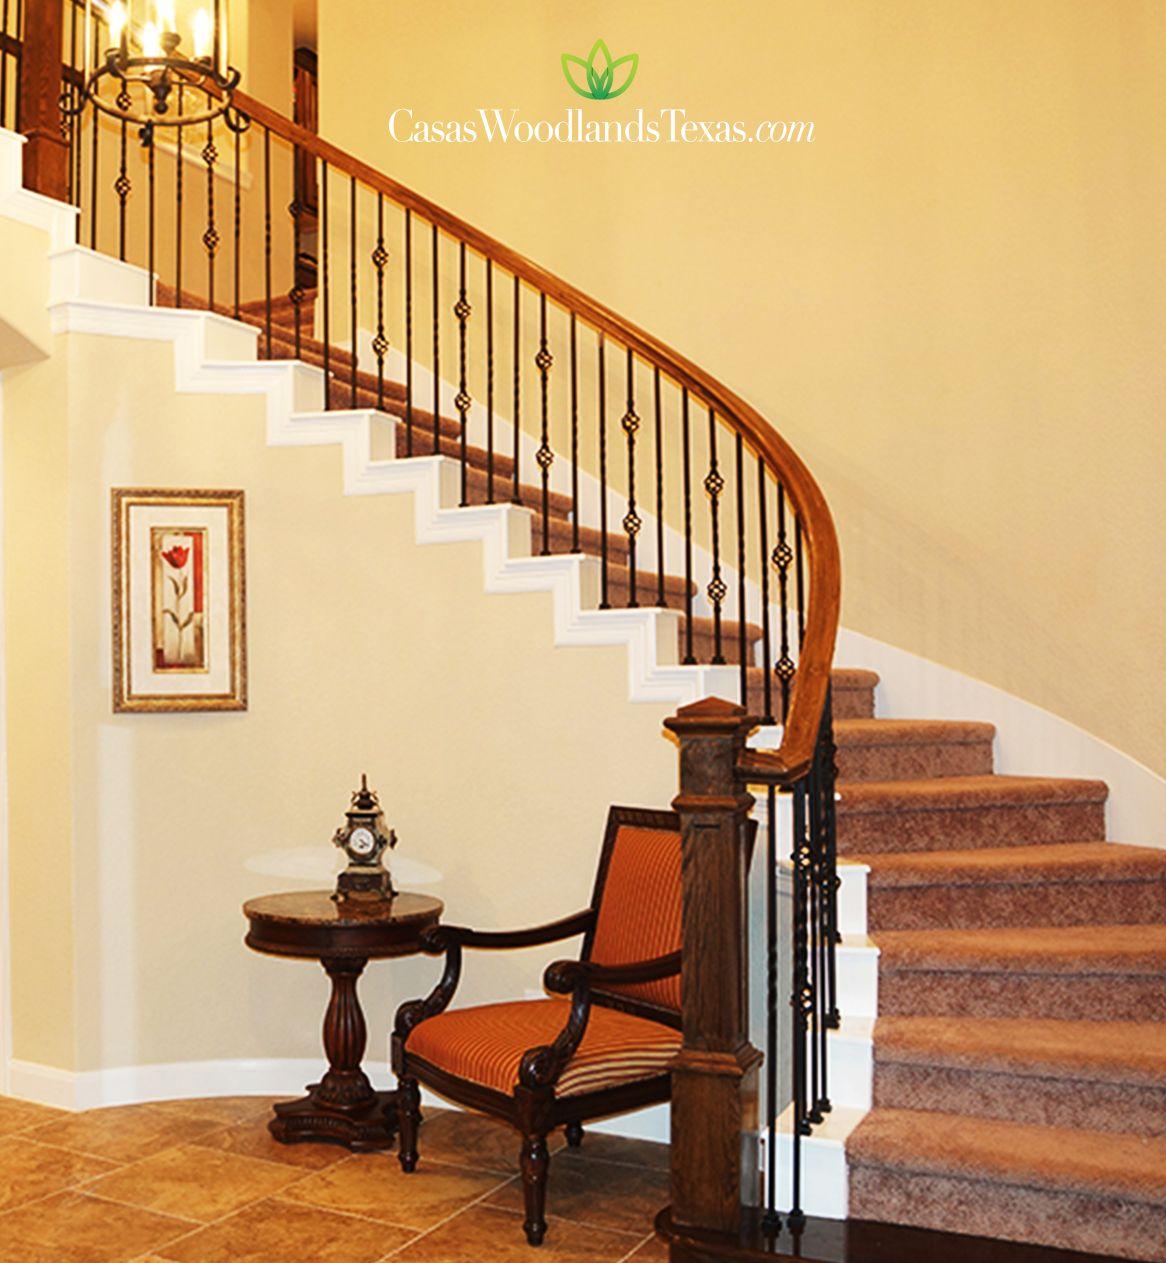 Escaleras alfombradas con barandal de hierro forjado y for Adornos para escaleras